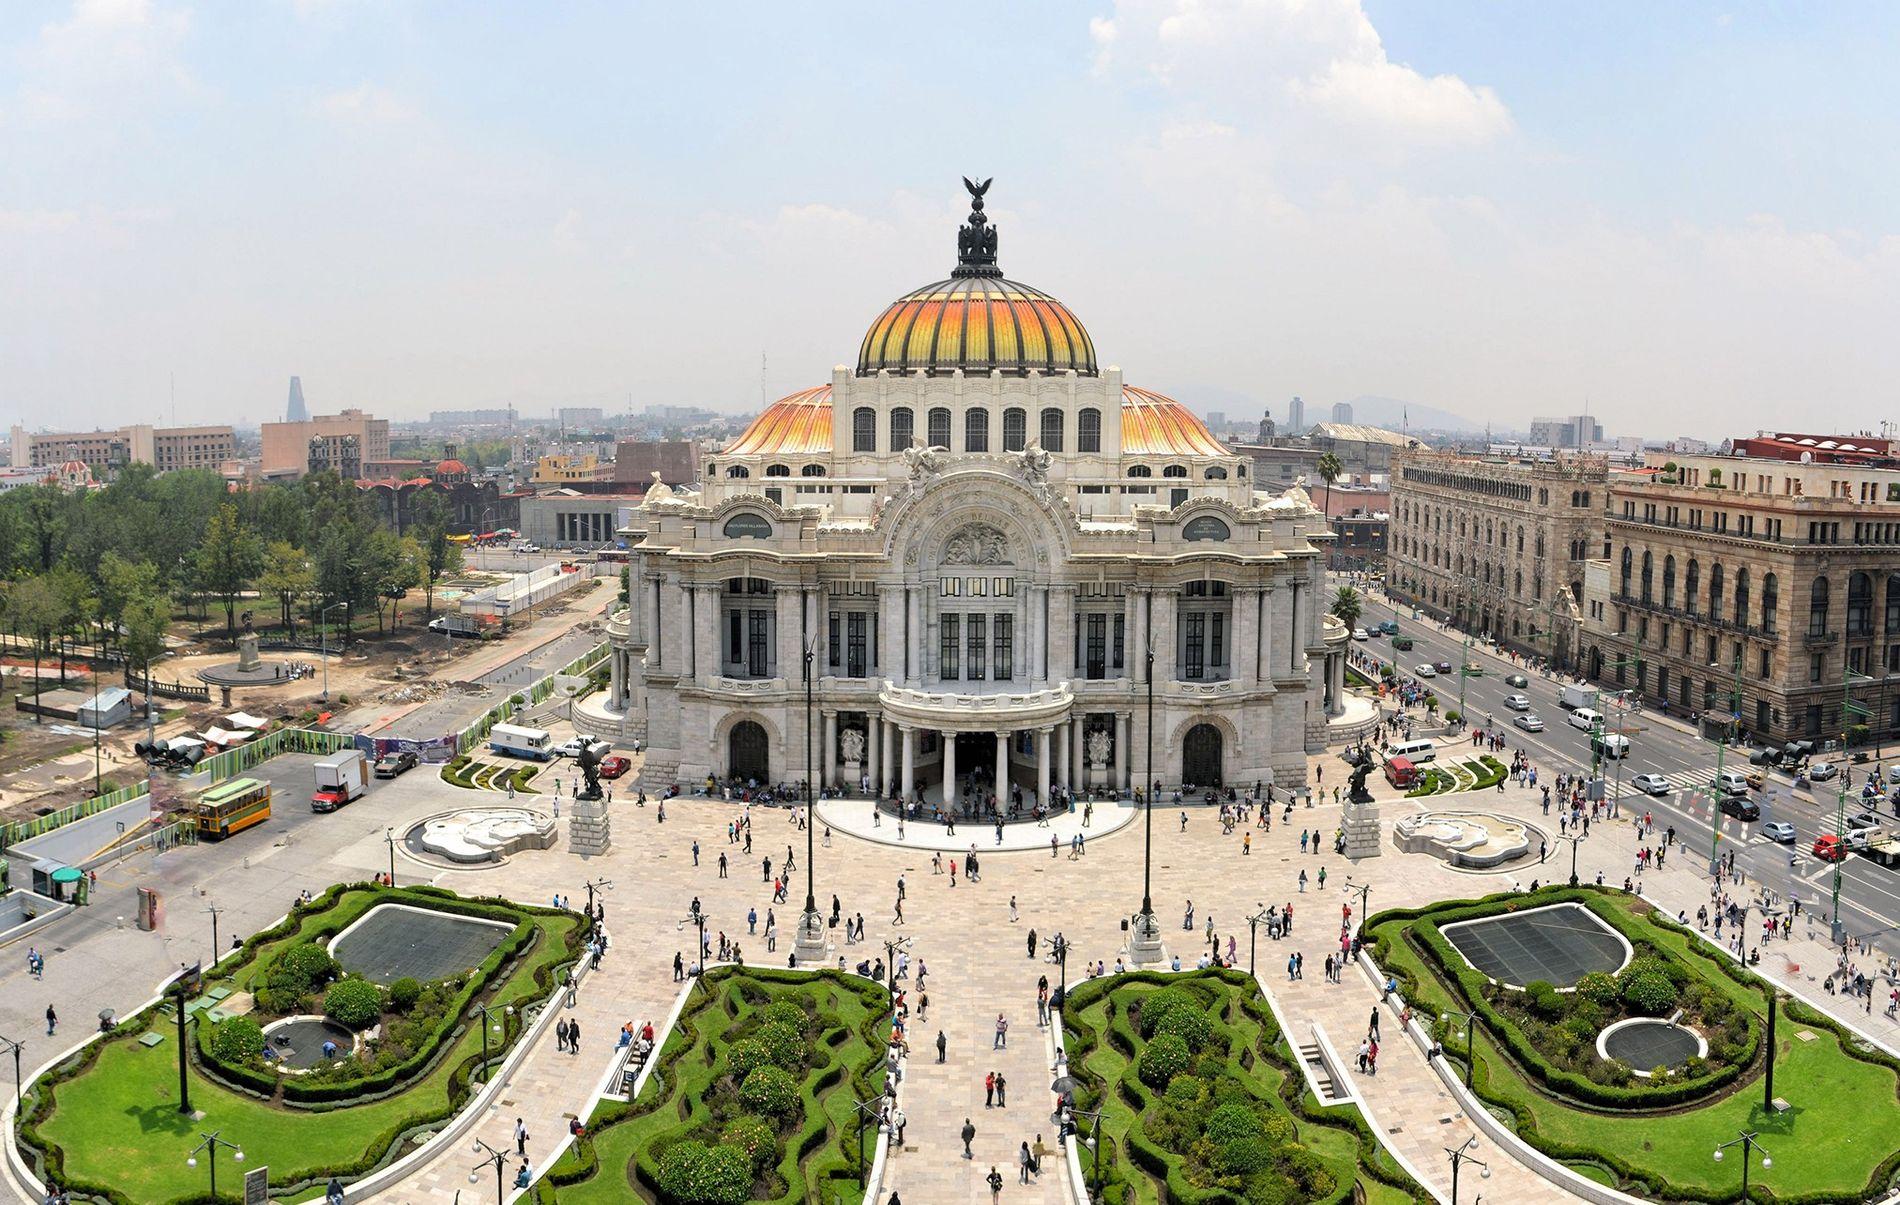 Der Palacio de Bellas Artes liegt im historischen Teil von Mexiko-Stadt. In der Metropole setzen sich Food-Aktivisten für ein kulinarisches Kulturgut ein: Maisfladen.